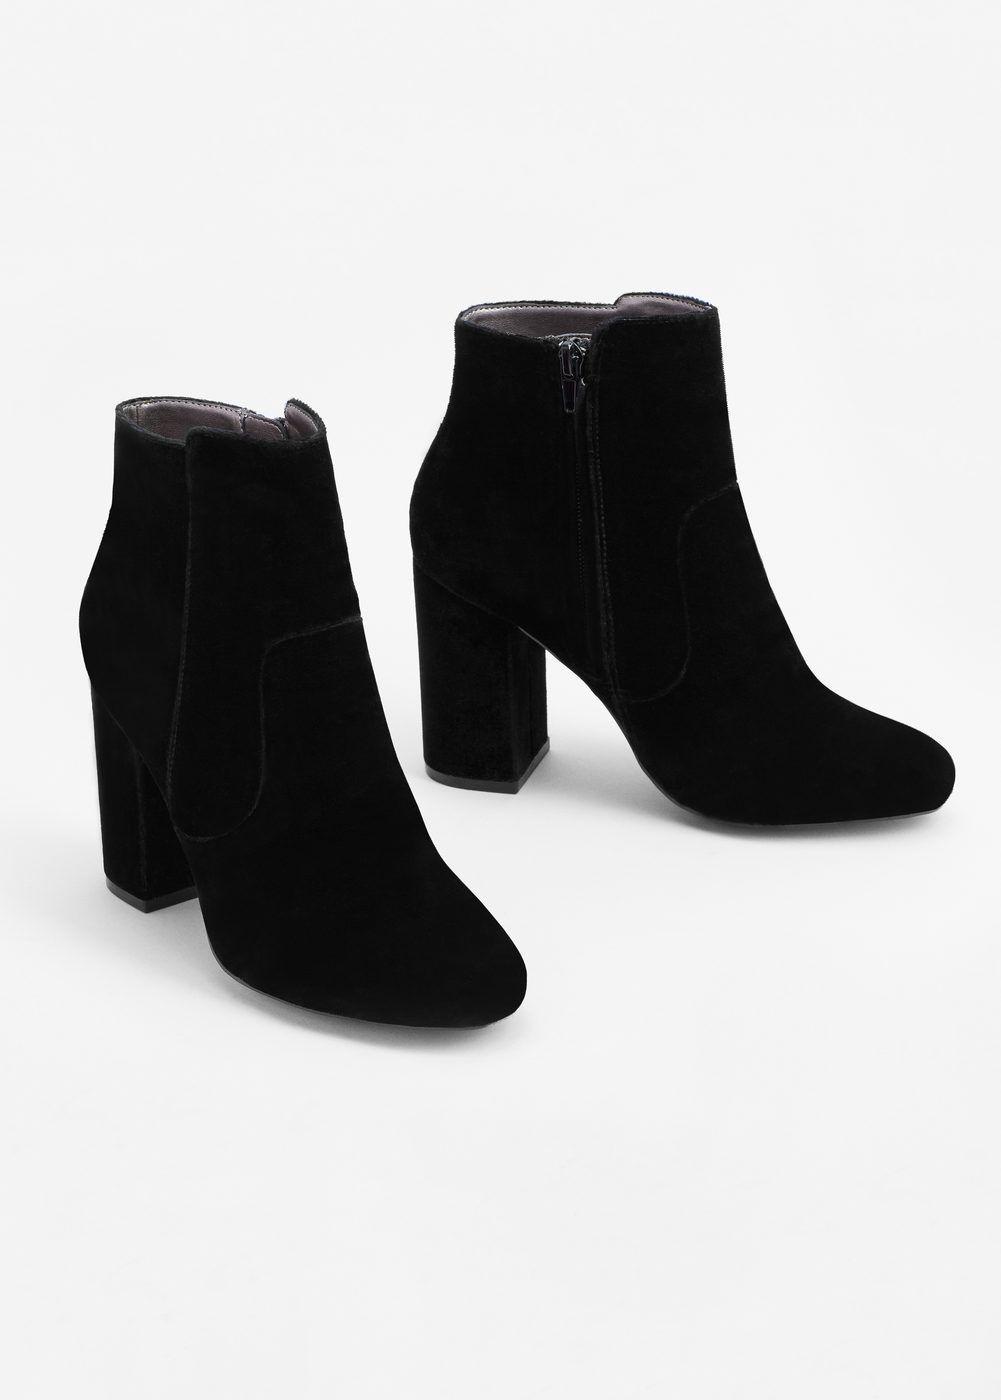 392779b22509 Velvet heel ankle boot - Women in 2019